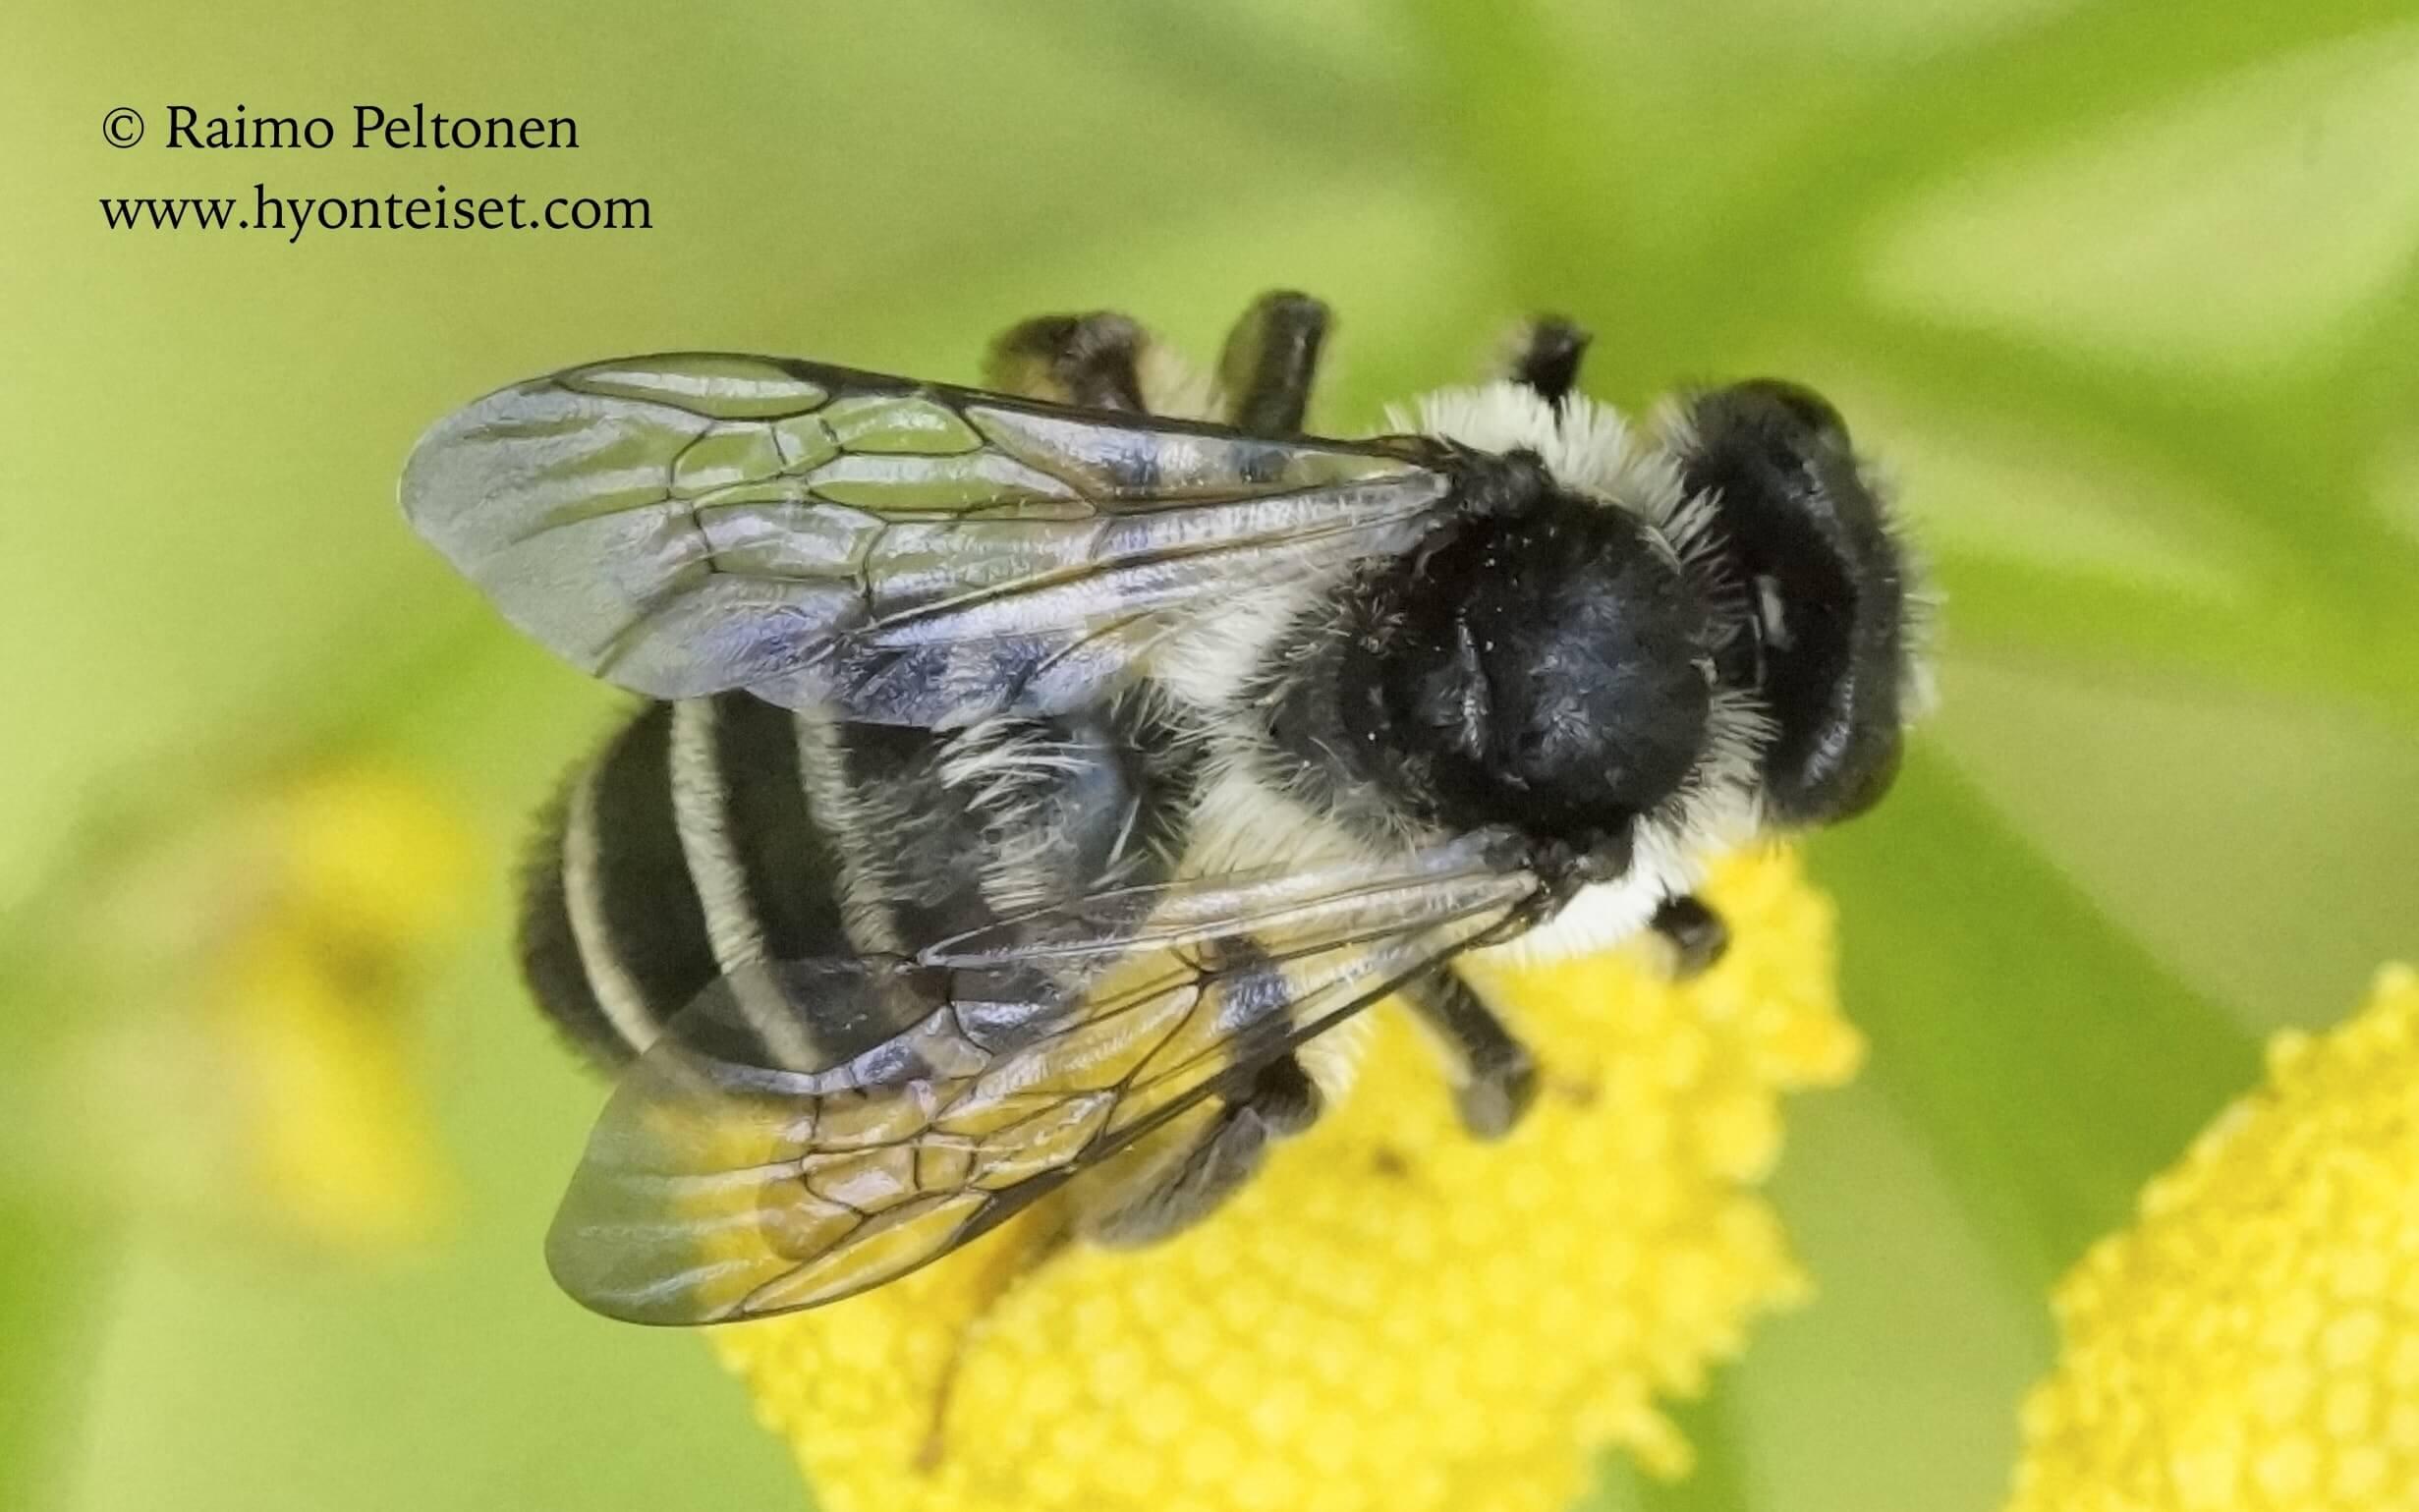 Andrena denticulata-syysmaamehiläinen, naaras (det. Juho Paukkunen), 16.7.2016 Jyväskylä